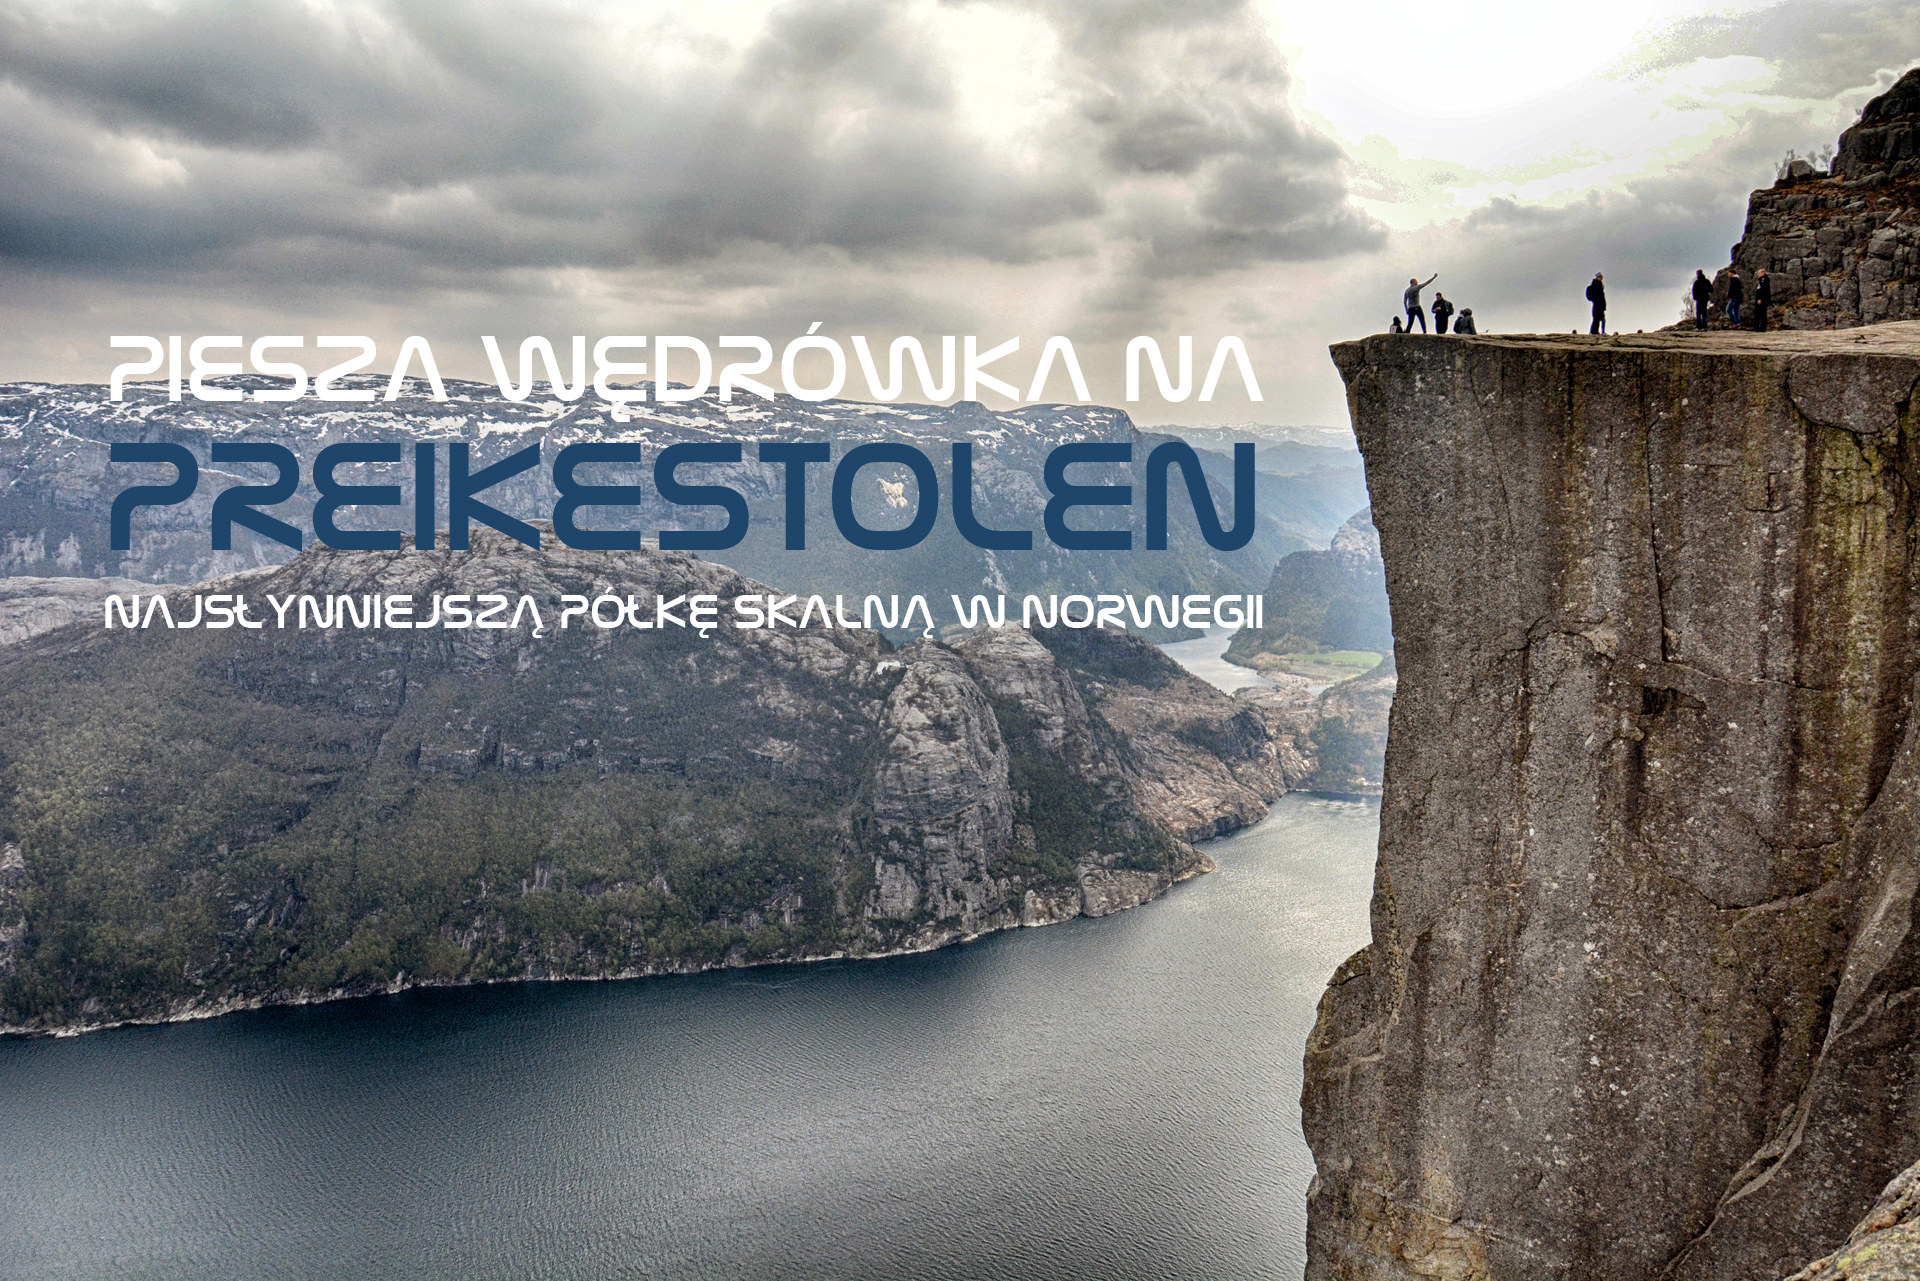 Piesza wędrówka na Preikestolen – najsłynniejszą półkę skalną w Norwegii